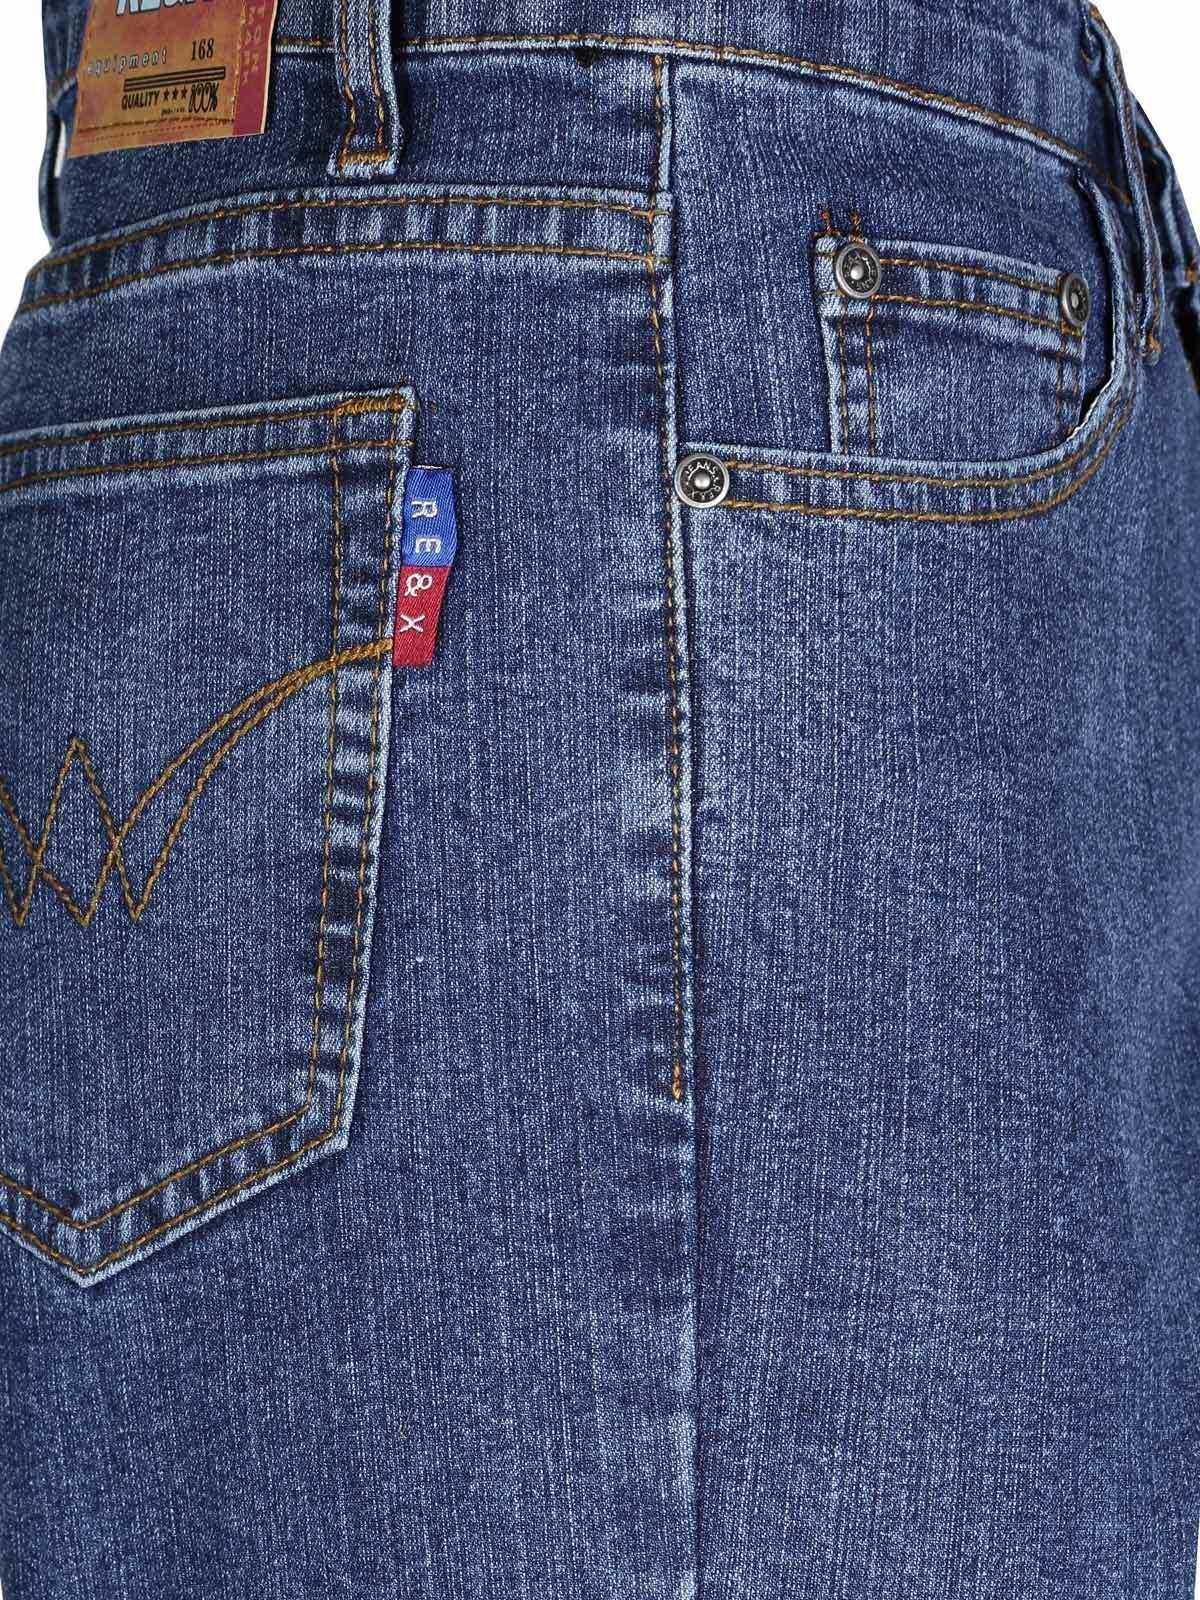 Jeans Uomo Elasticizzati Elasticizzati amp;x Re Re amp;x Jeans Uomo POkuXZi